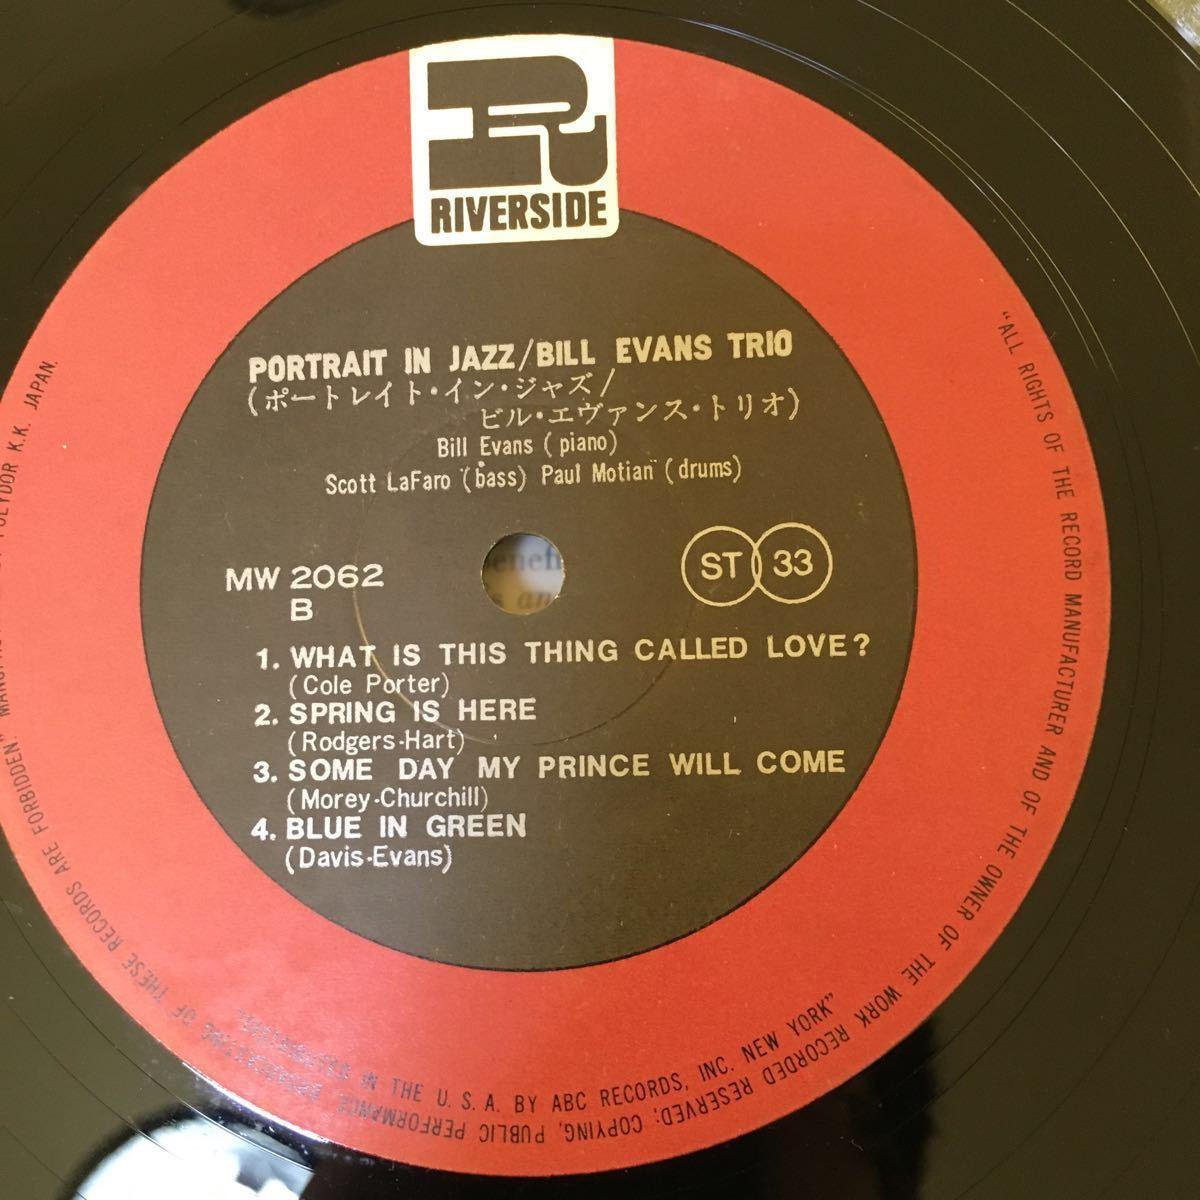 ☆盤面美品☆送料無料☆JAZZ LPレコード BILL EVANS Trio PORTRAIT IN JAZZ ビル エヴァンス トリオ/ポートレイト イン ジャズ_画像7